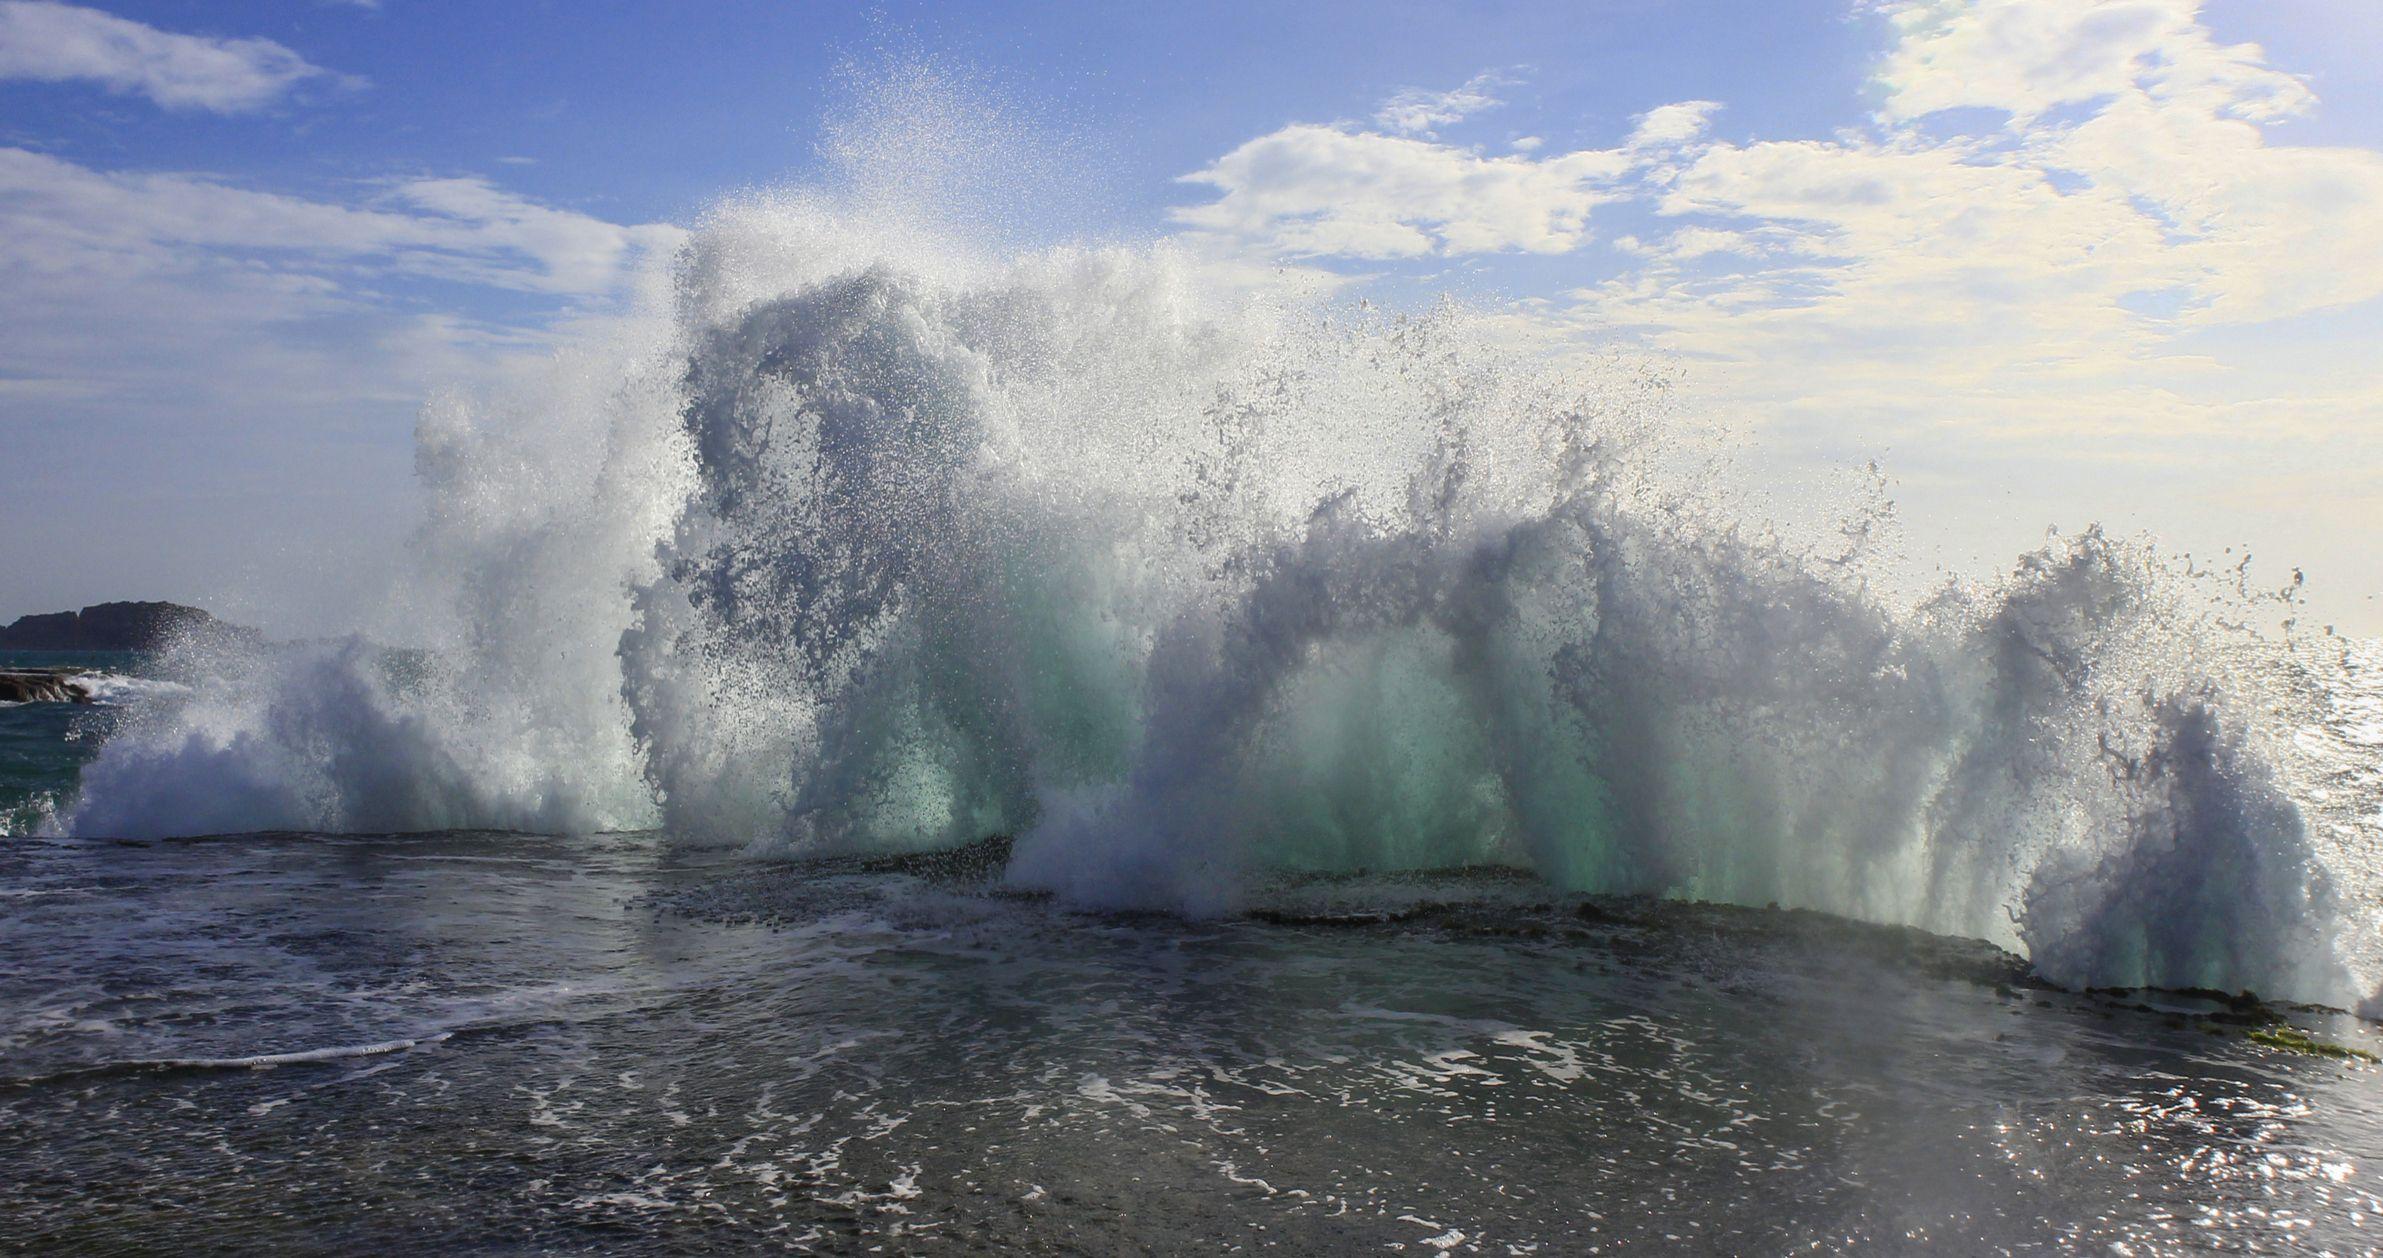 Gran tormenta con olas en el mar